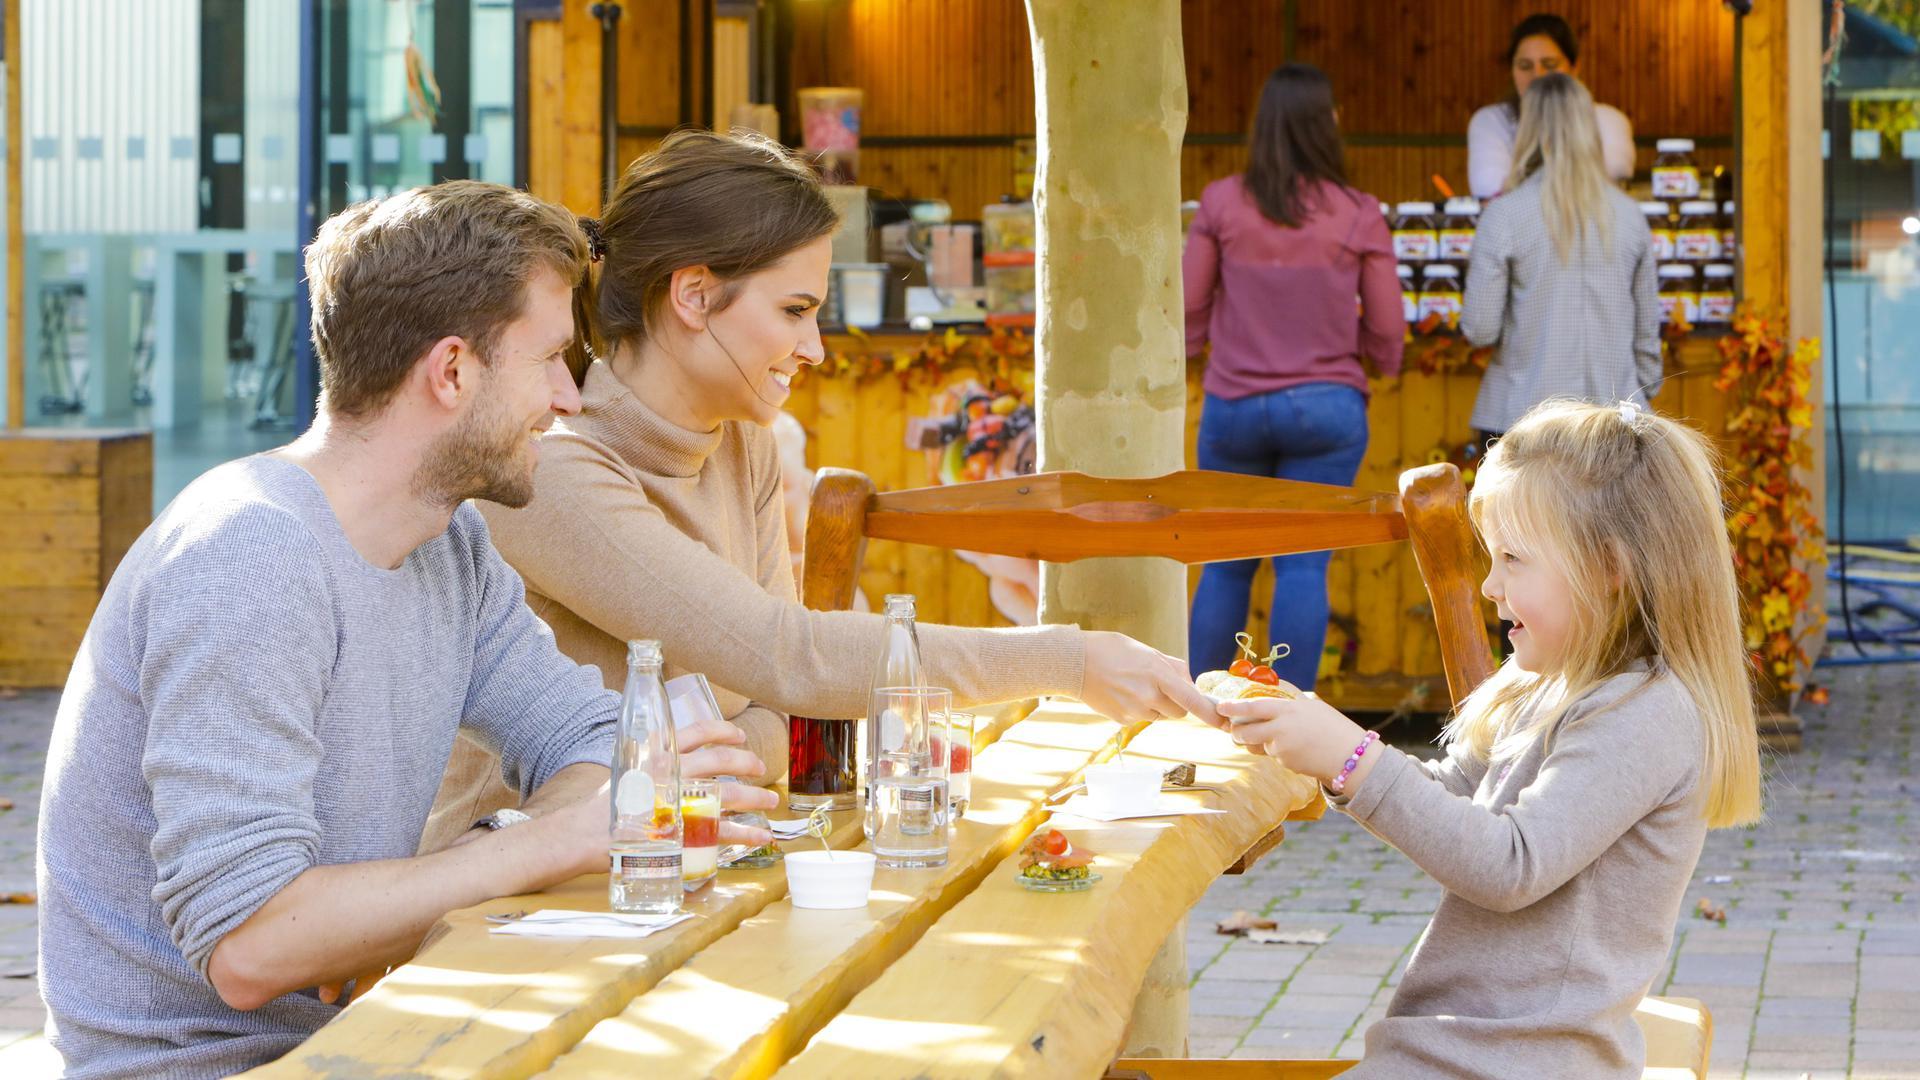 Im offerta Biergarten im Atrium können sich Besuchende eine kleine Erholungspause gönnen und sich mit süßen und deftigen Speisen stärken.